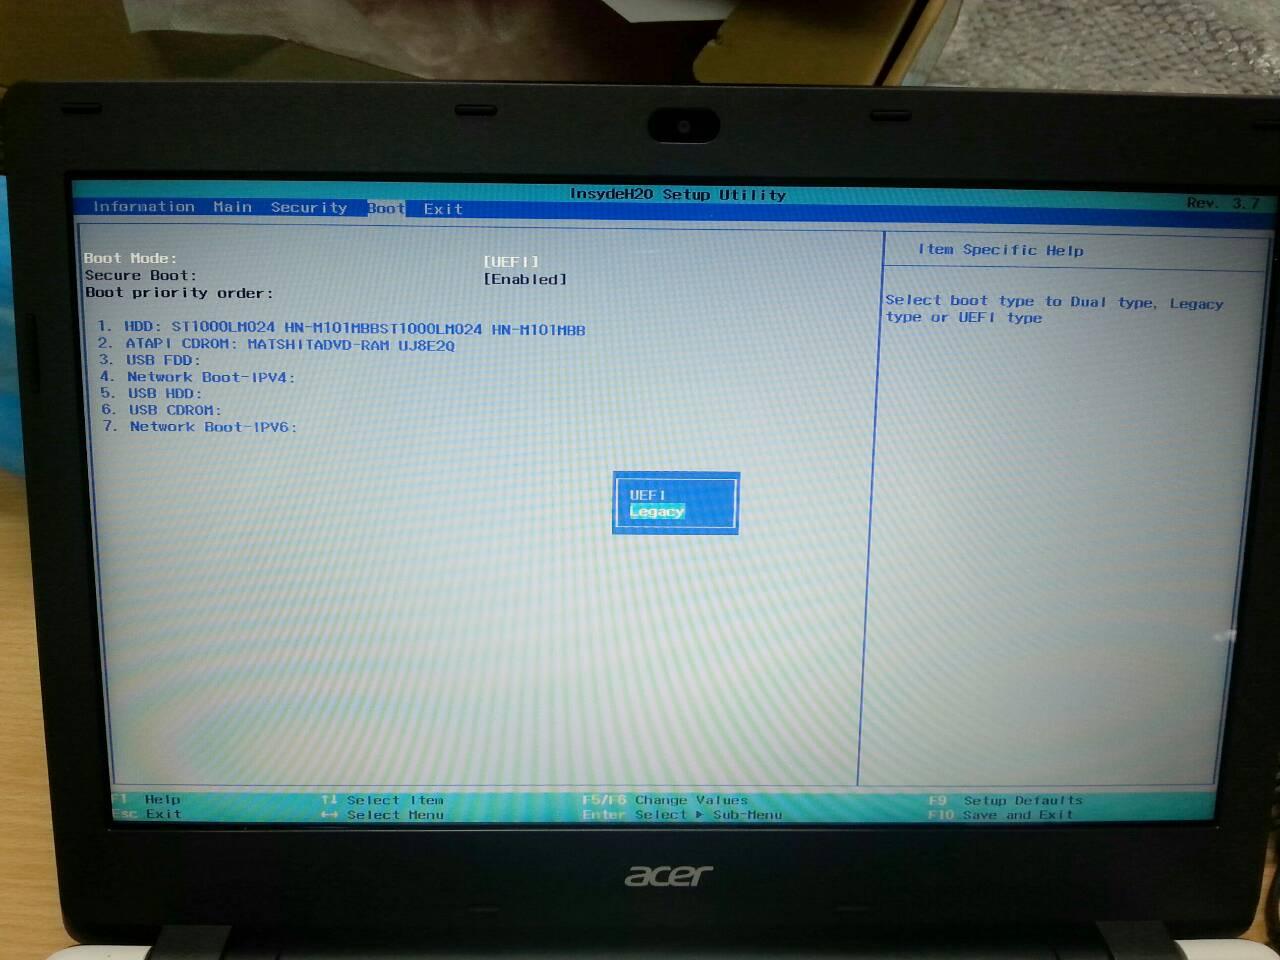 ง่ายๆ กับการลง Windows 8 1 สำหรับเครื่อง ACER ASPIRE E14 - Pantip